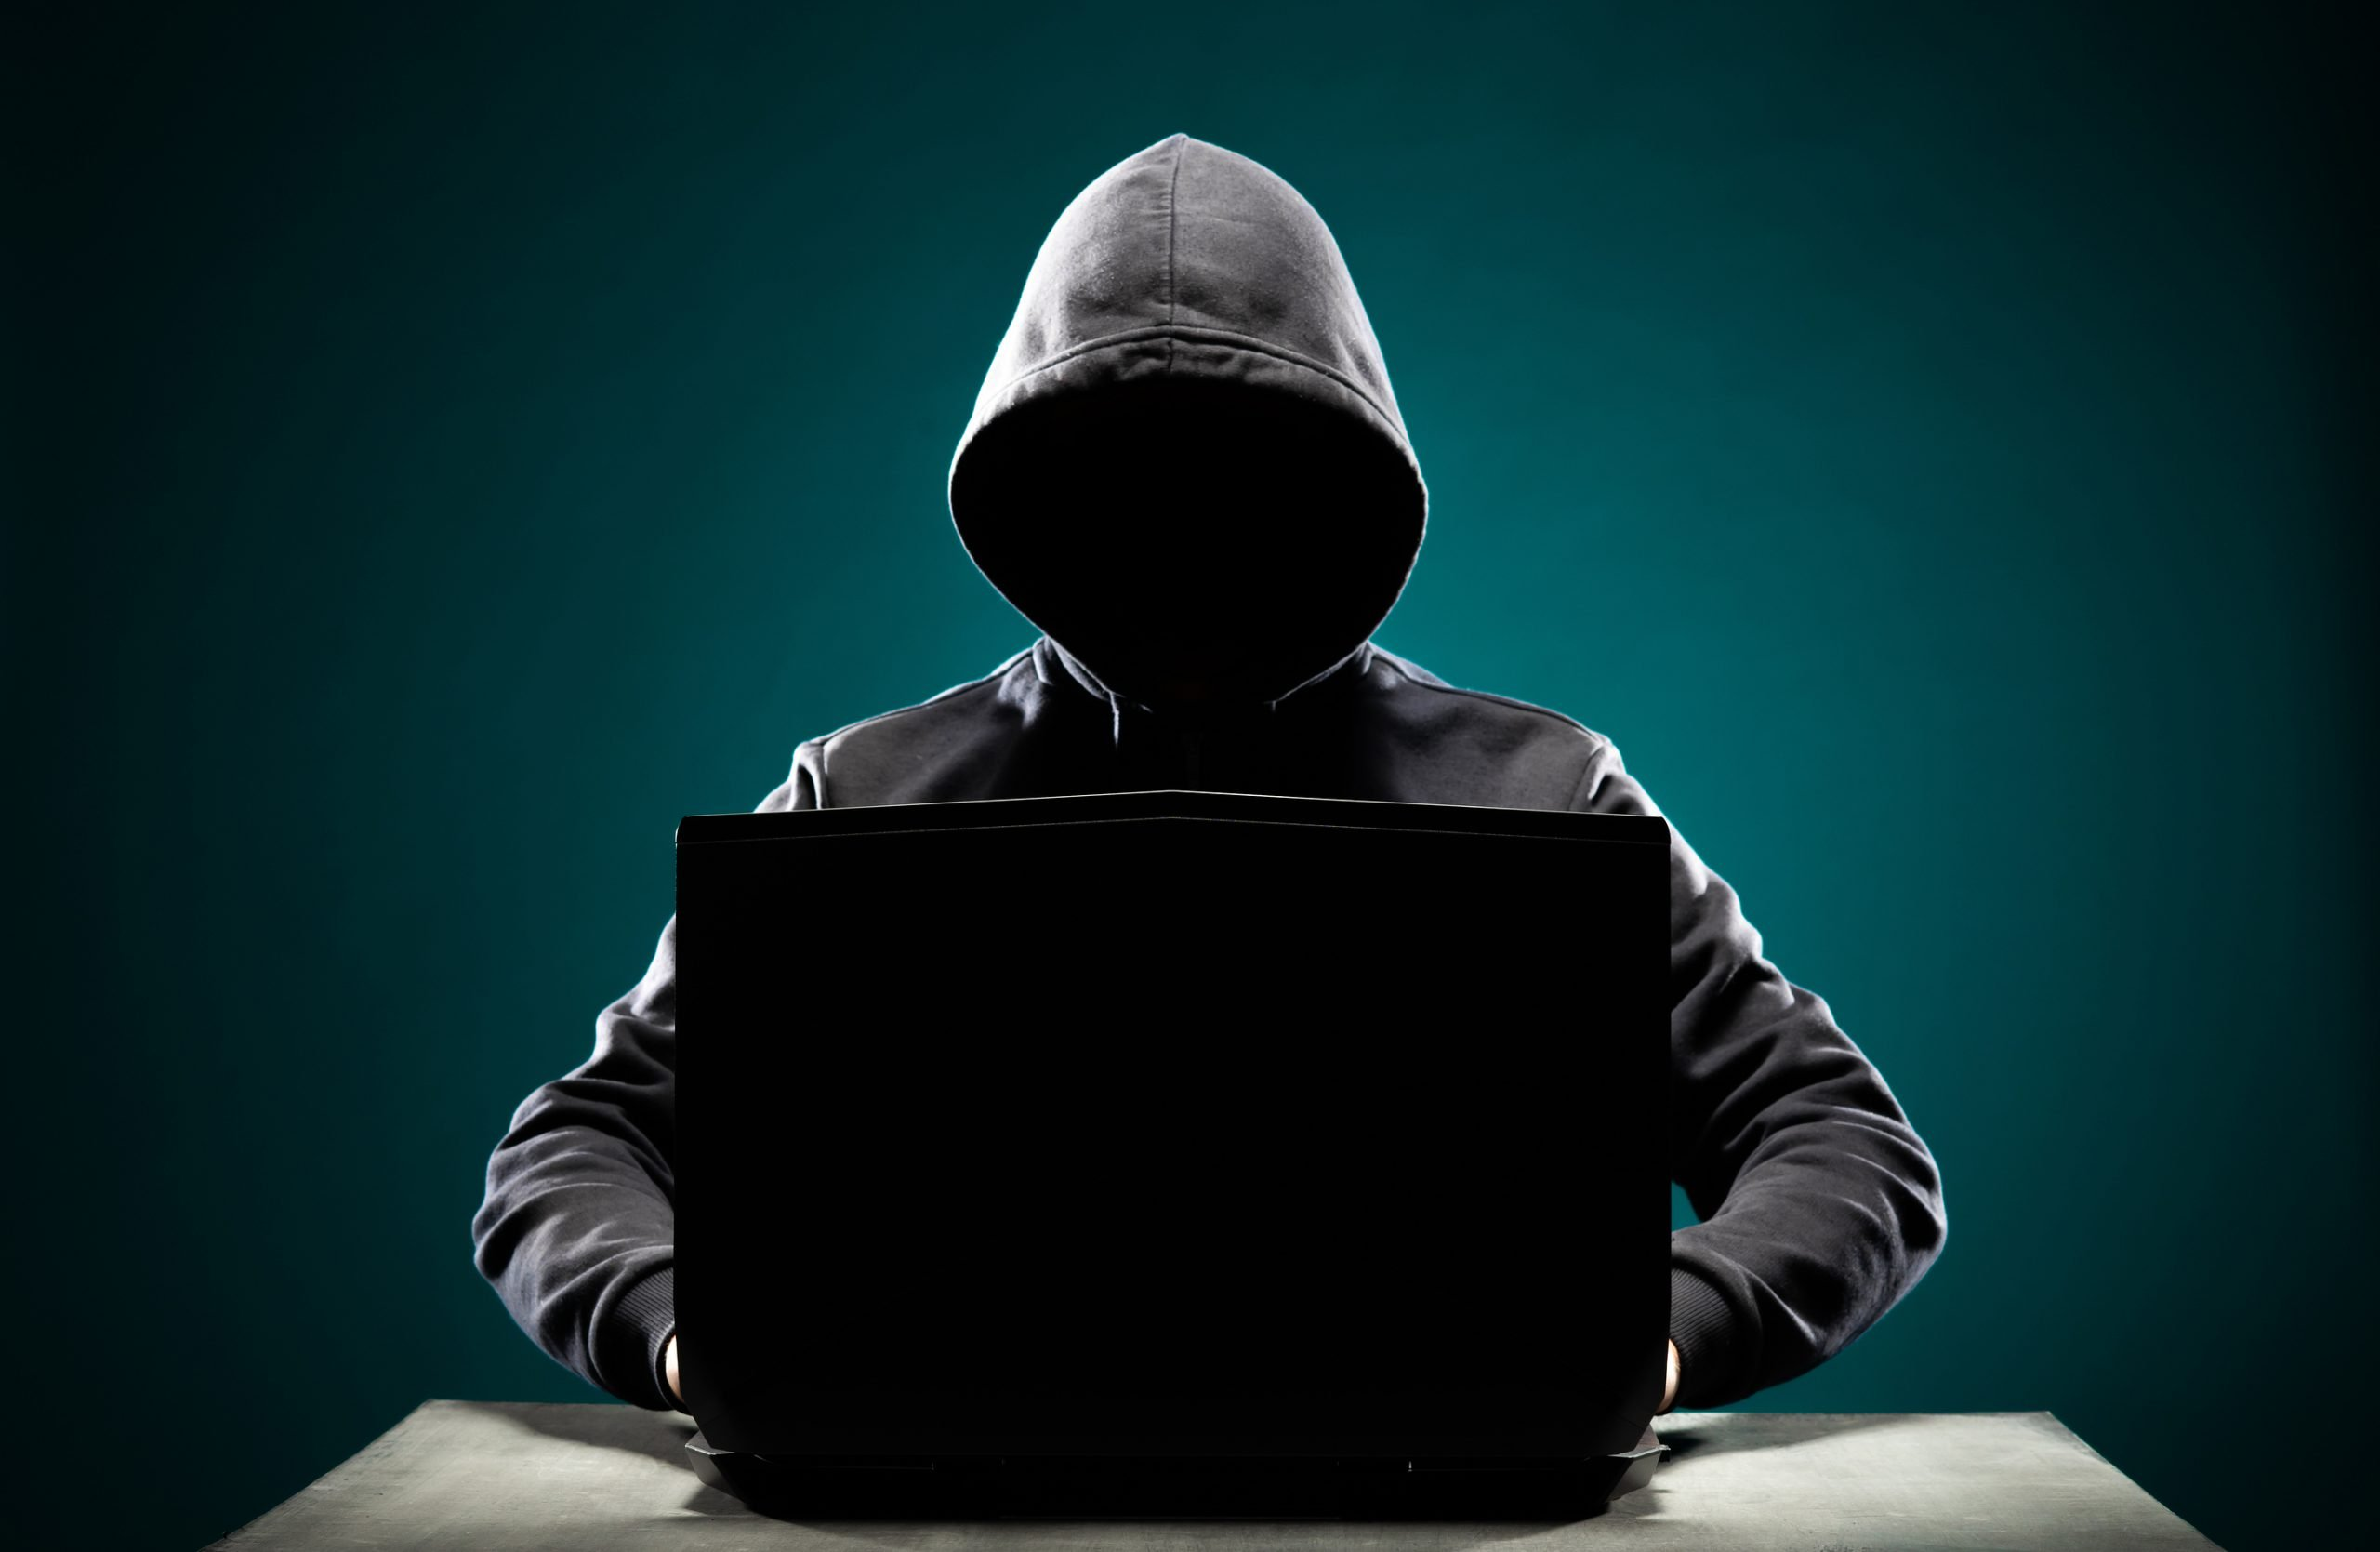 origem do nome hacker